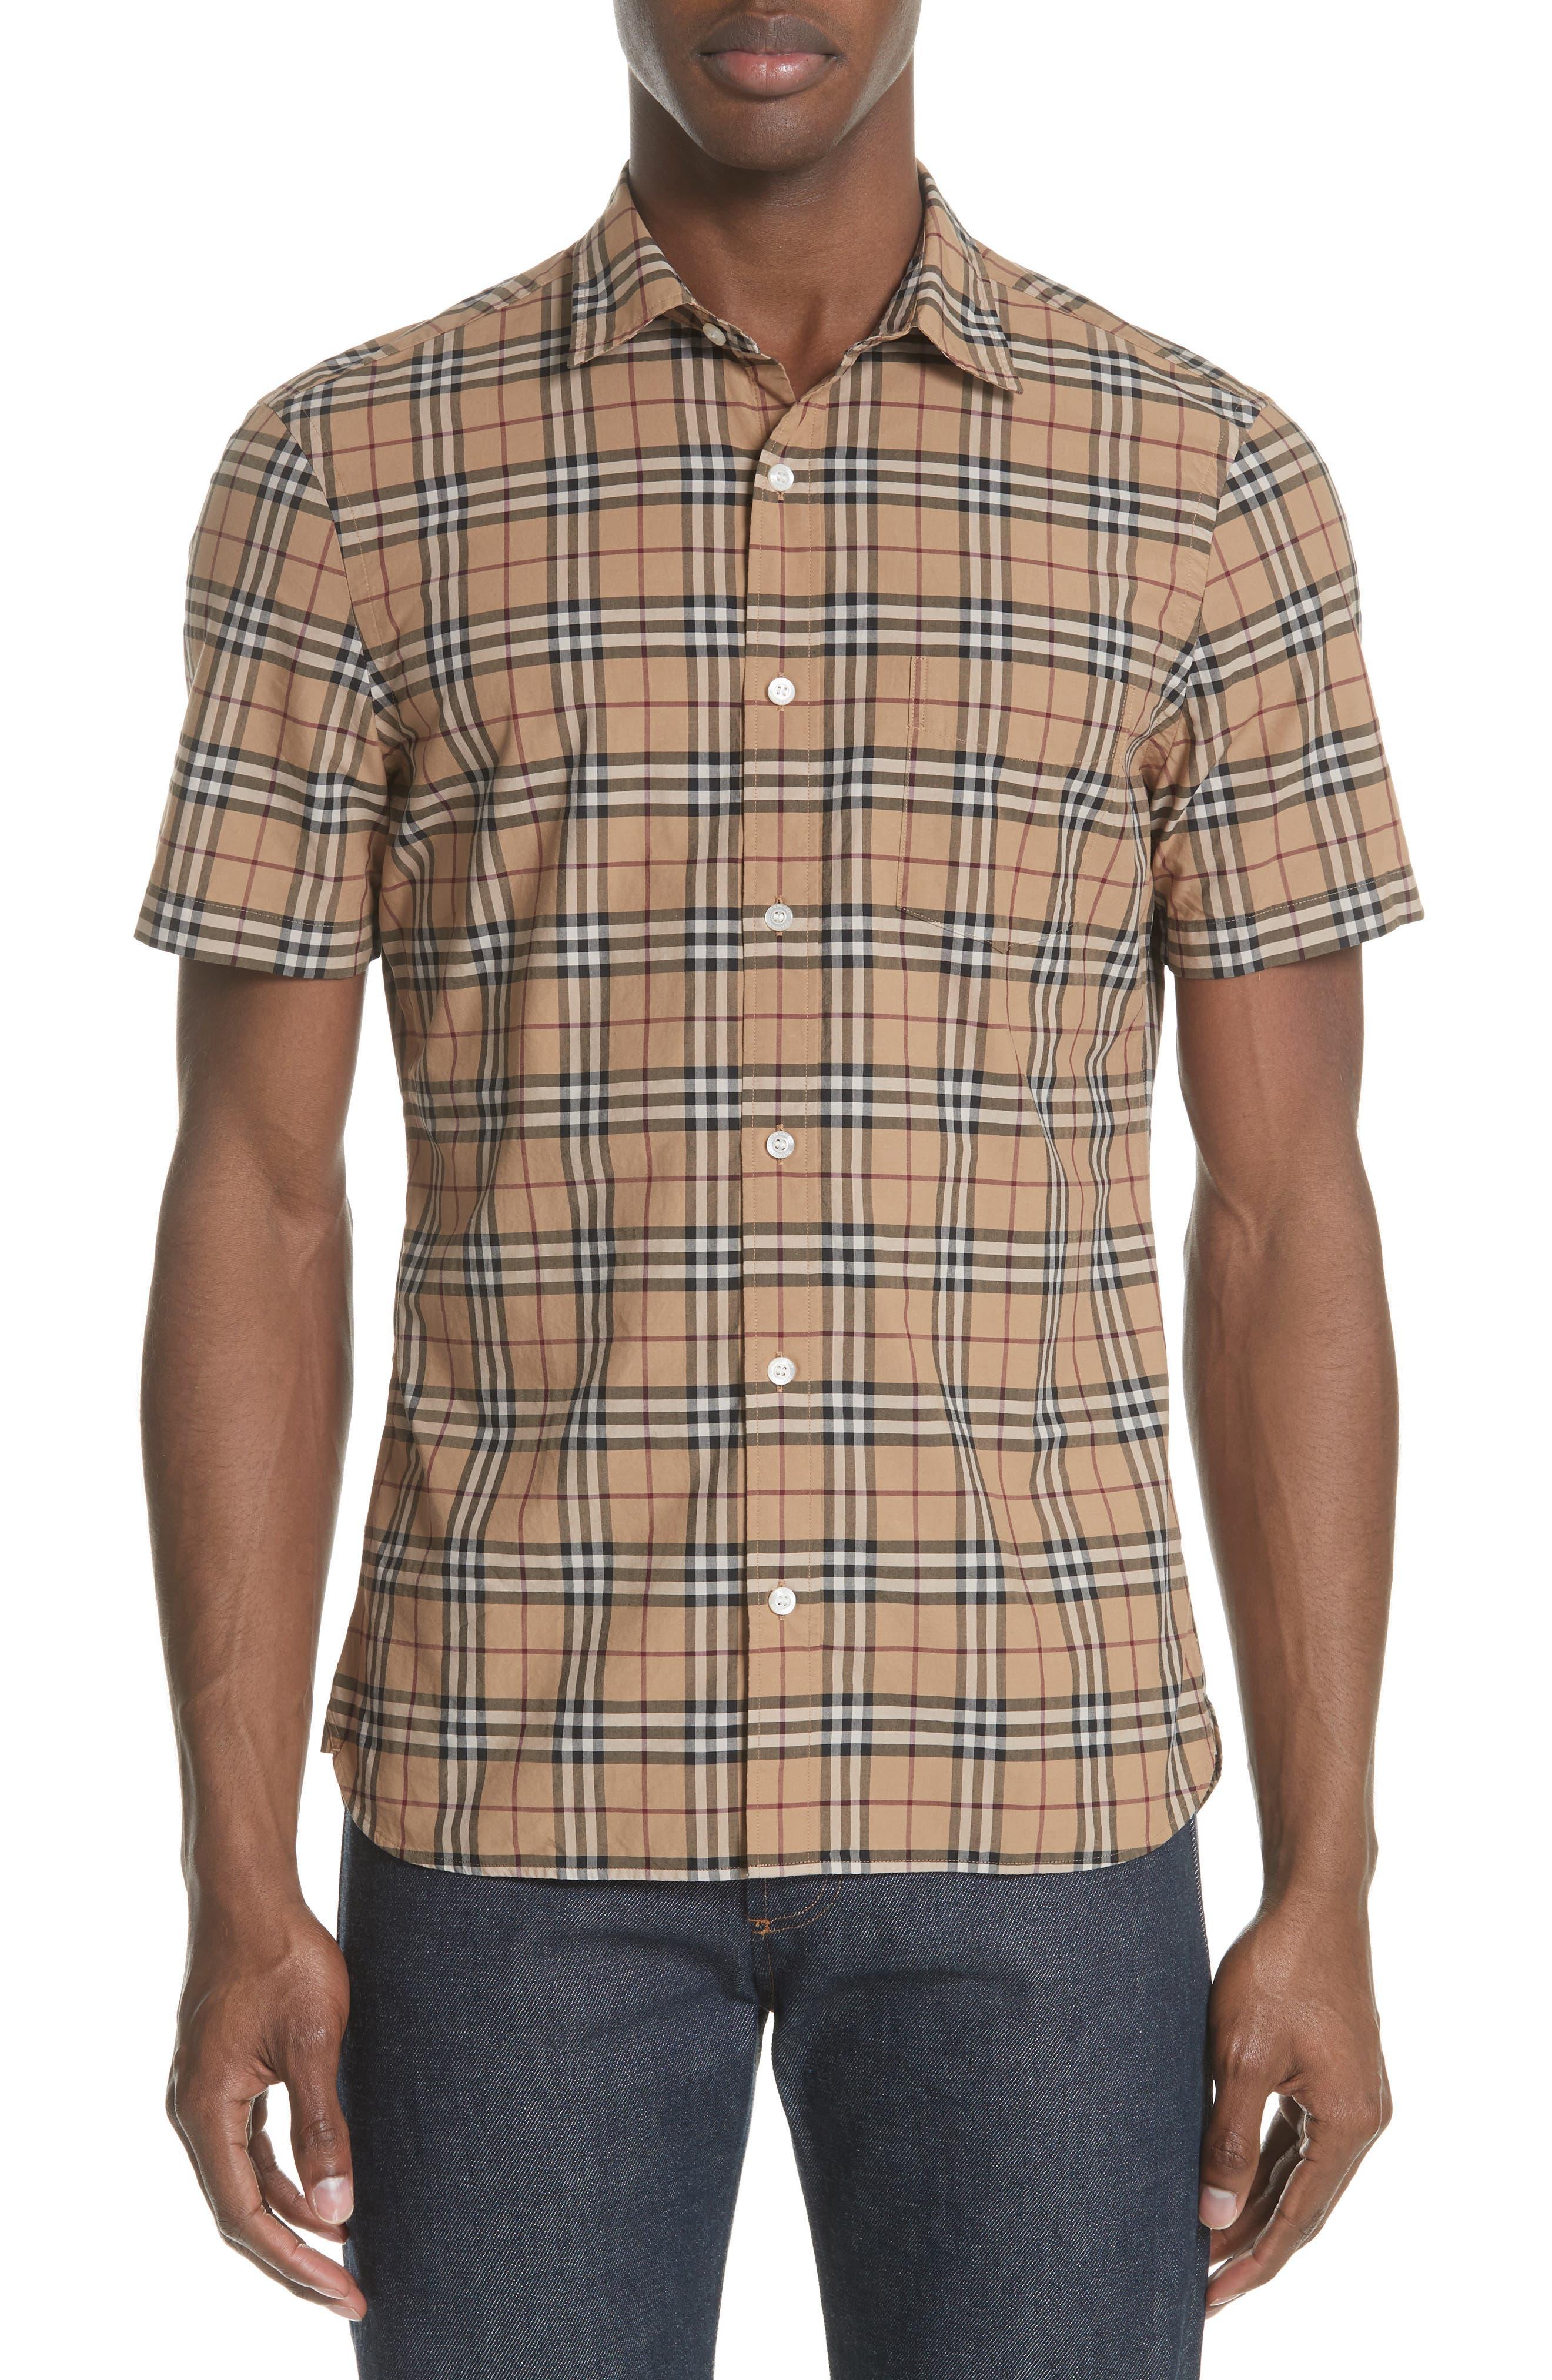 Alexander Check Sport Shirt,                             Main thumbnail 1, color,                             250